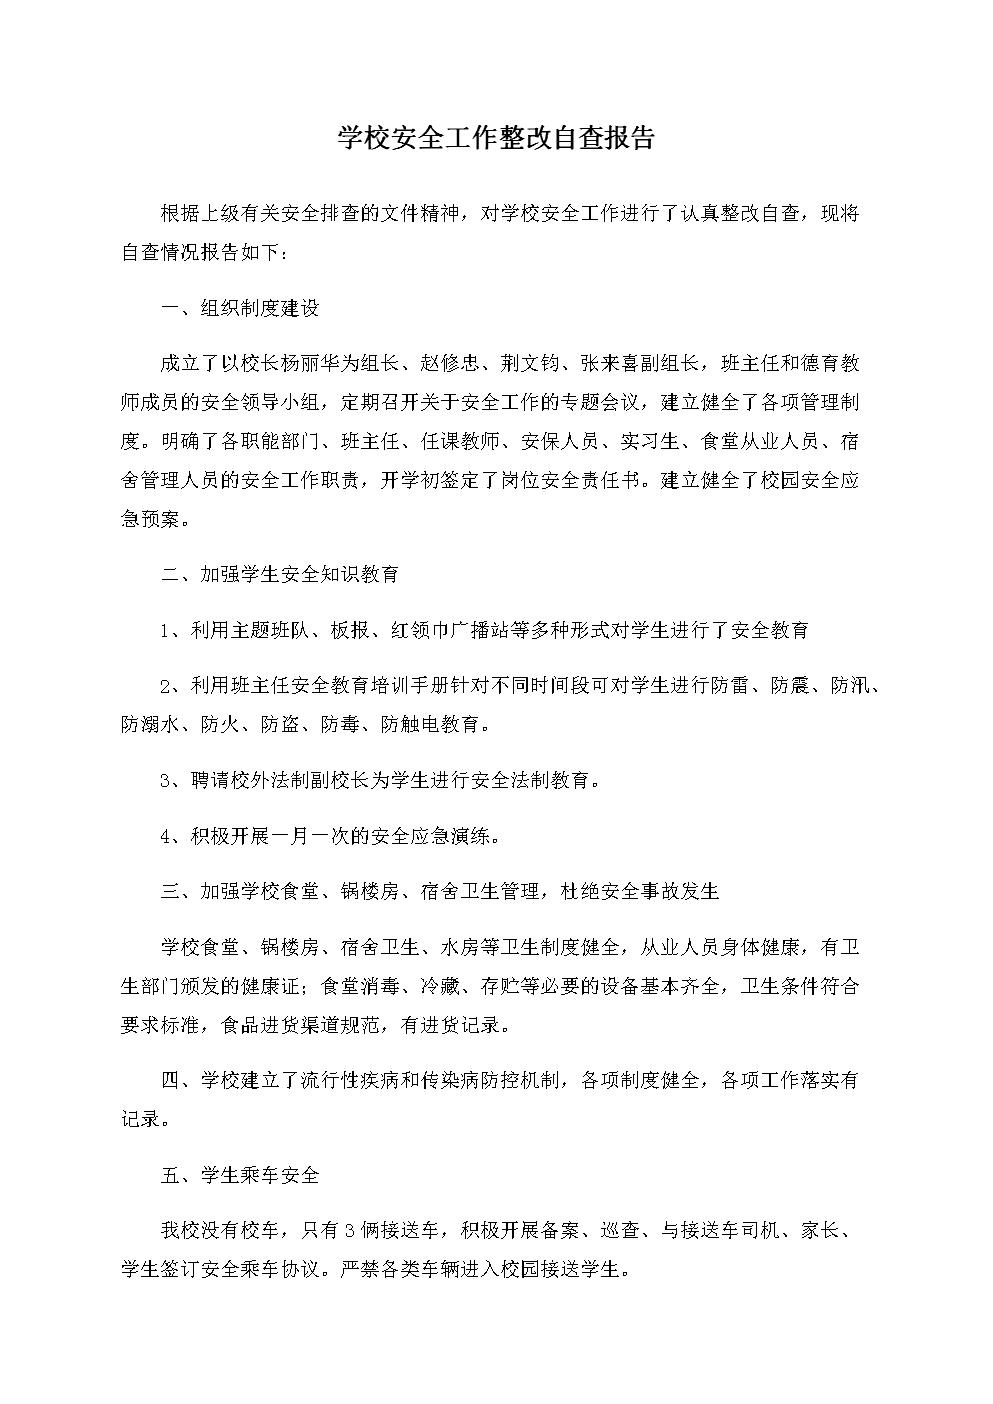 学校安全工作整改自查报告.docx